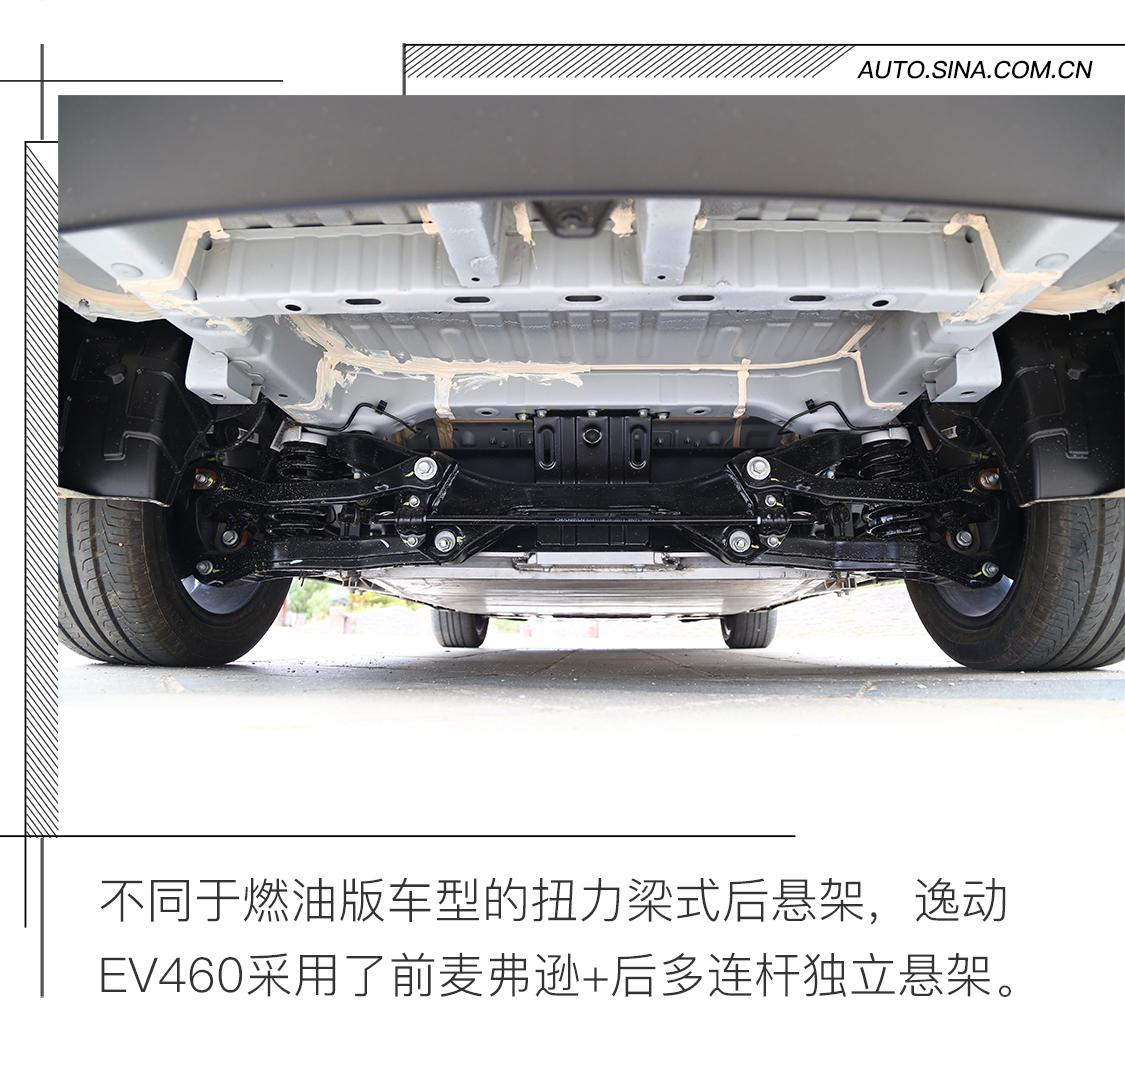 提升不止于续航 试驾逸动EV460